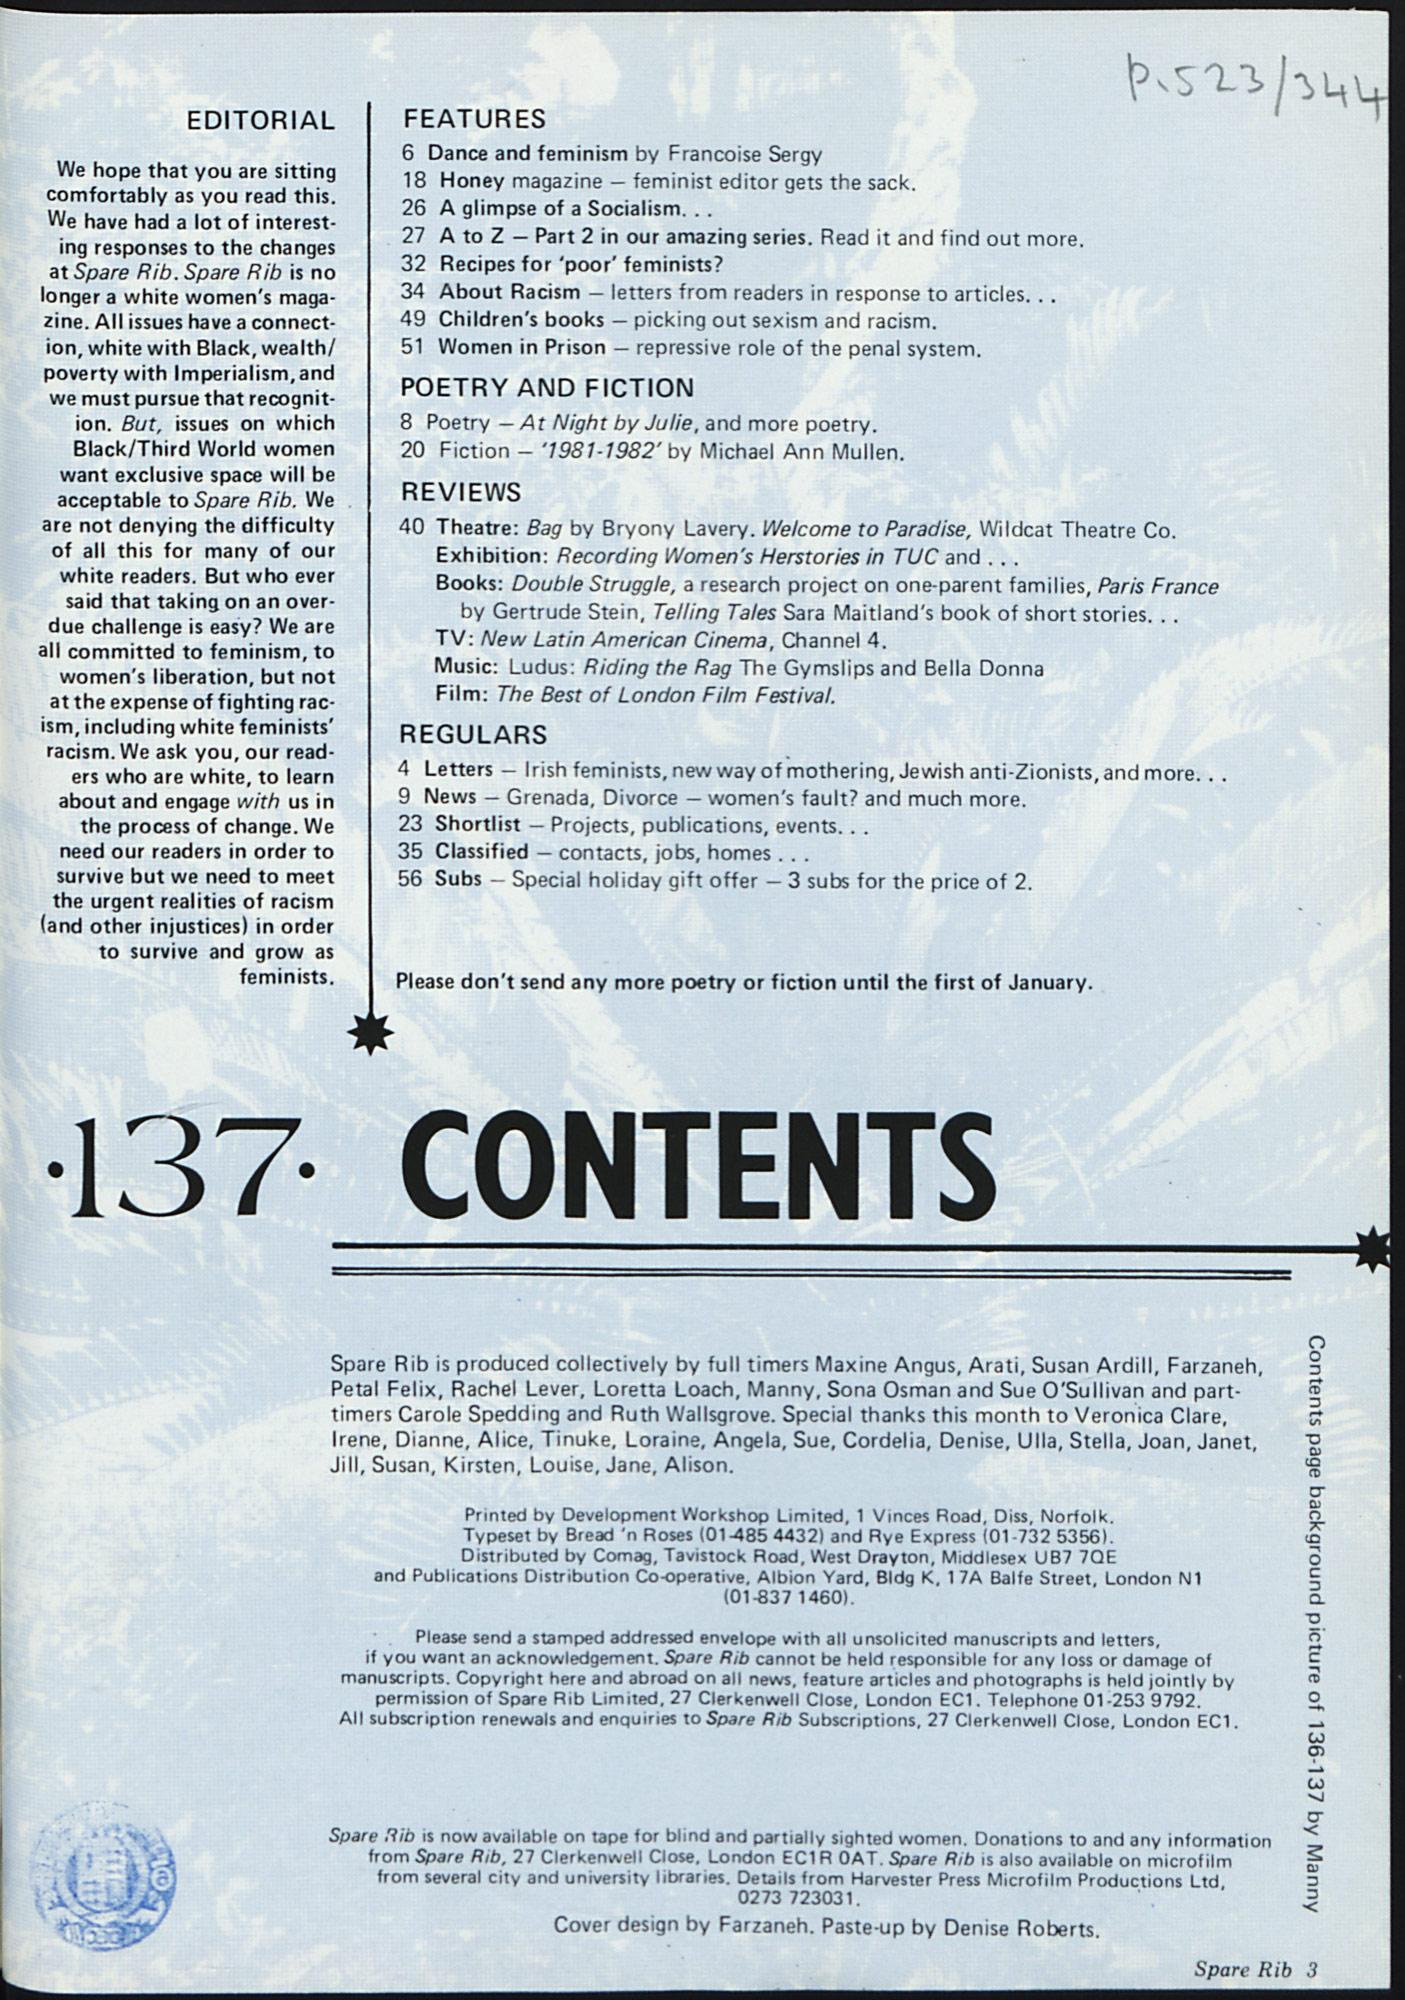 Spare Rib magazine issue 137 p. 3